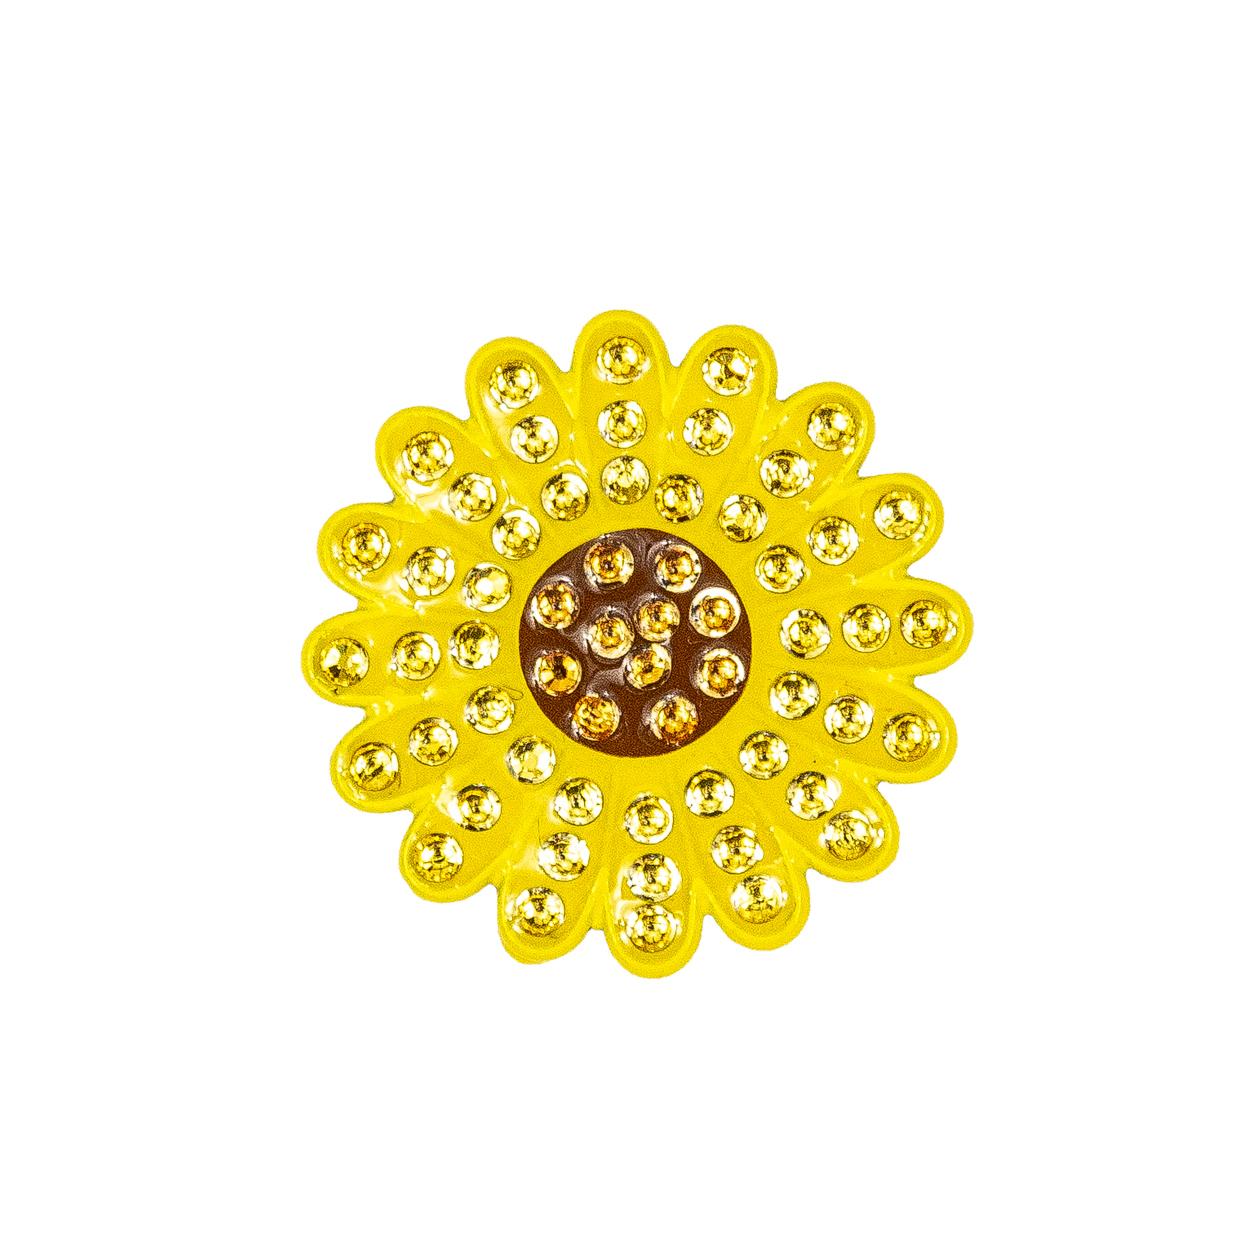 14. Sunflower Yellow